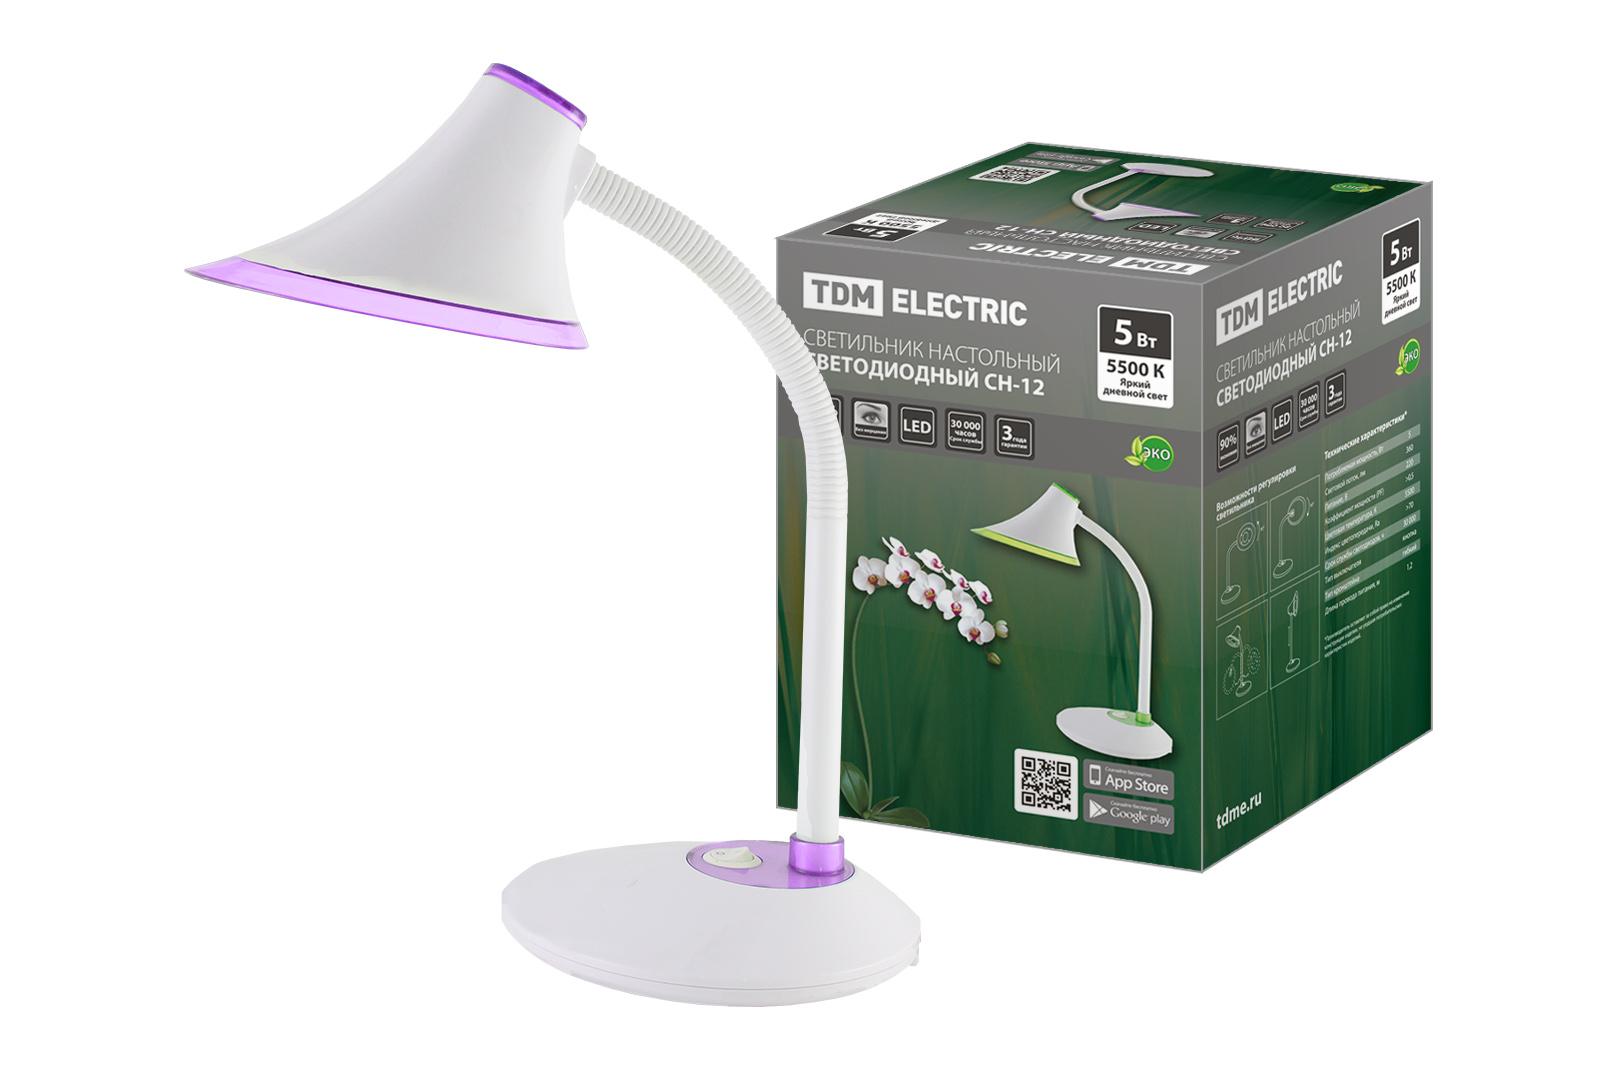 Фото Светильник светодиодный настольный СН-12, 5 Вт, гибкий, выключатель, 5500 К, фиолетовый, 220 В, TDM {SQ0337-0091}